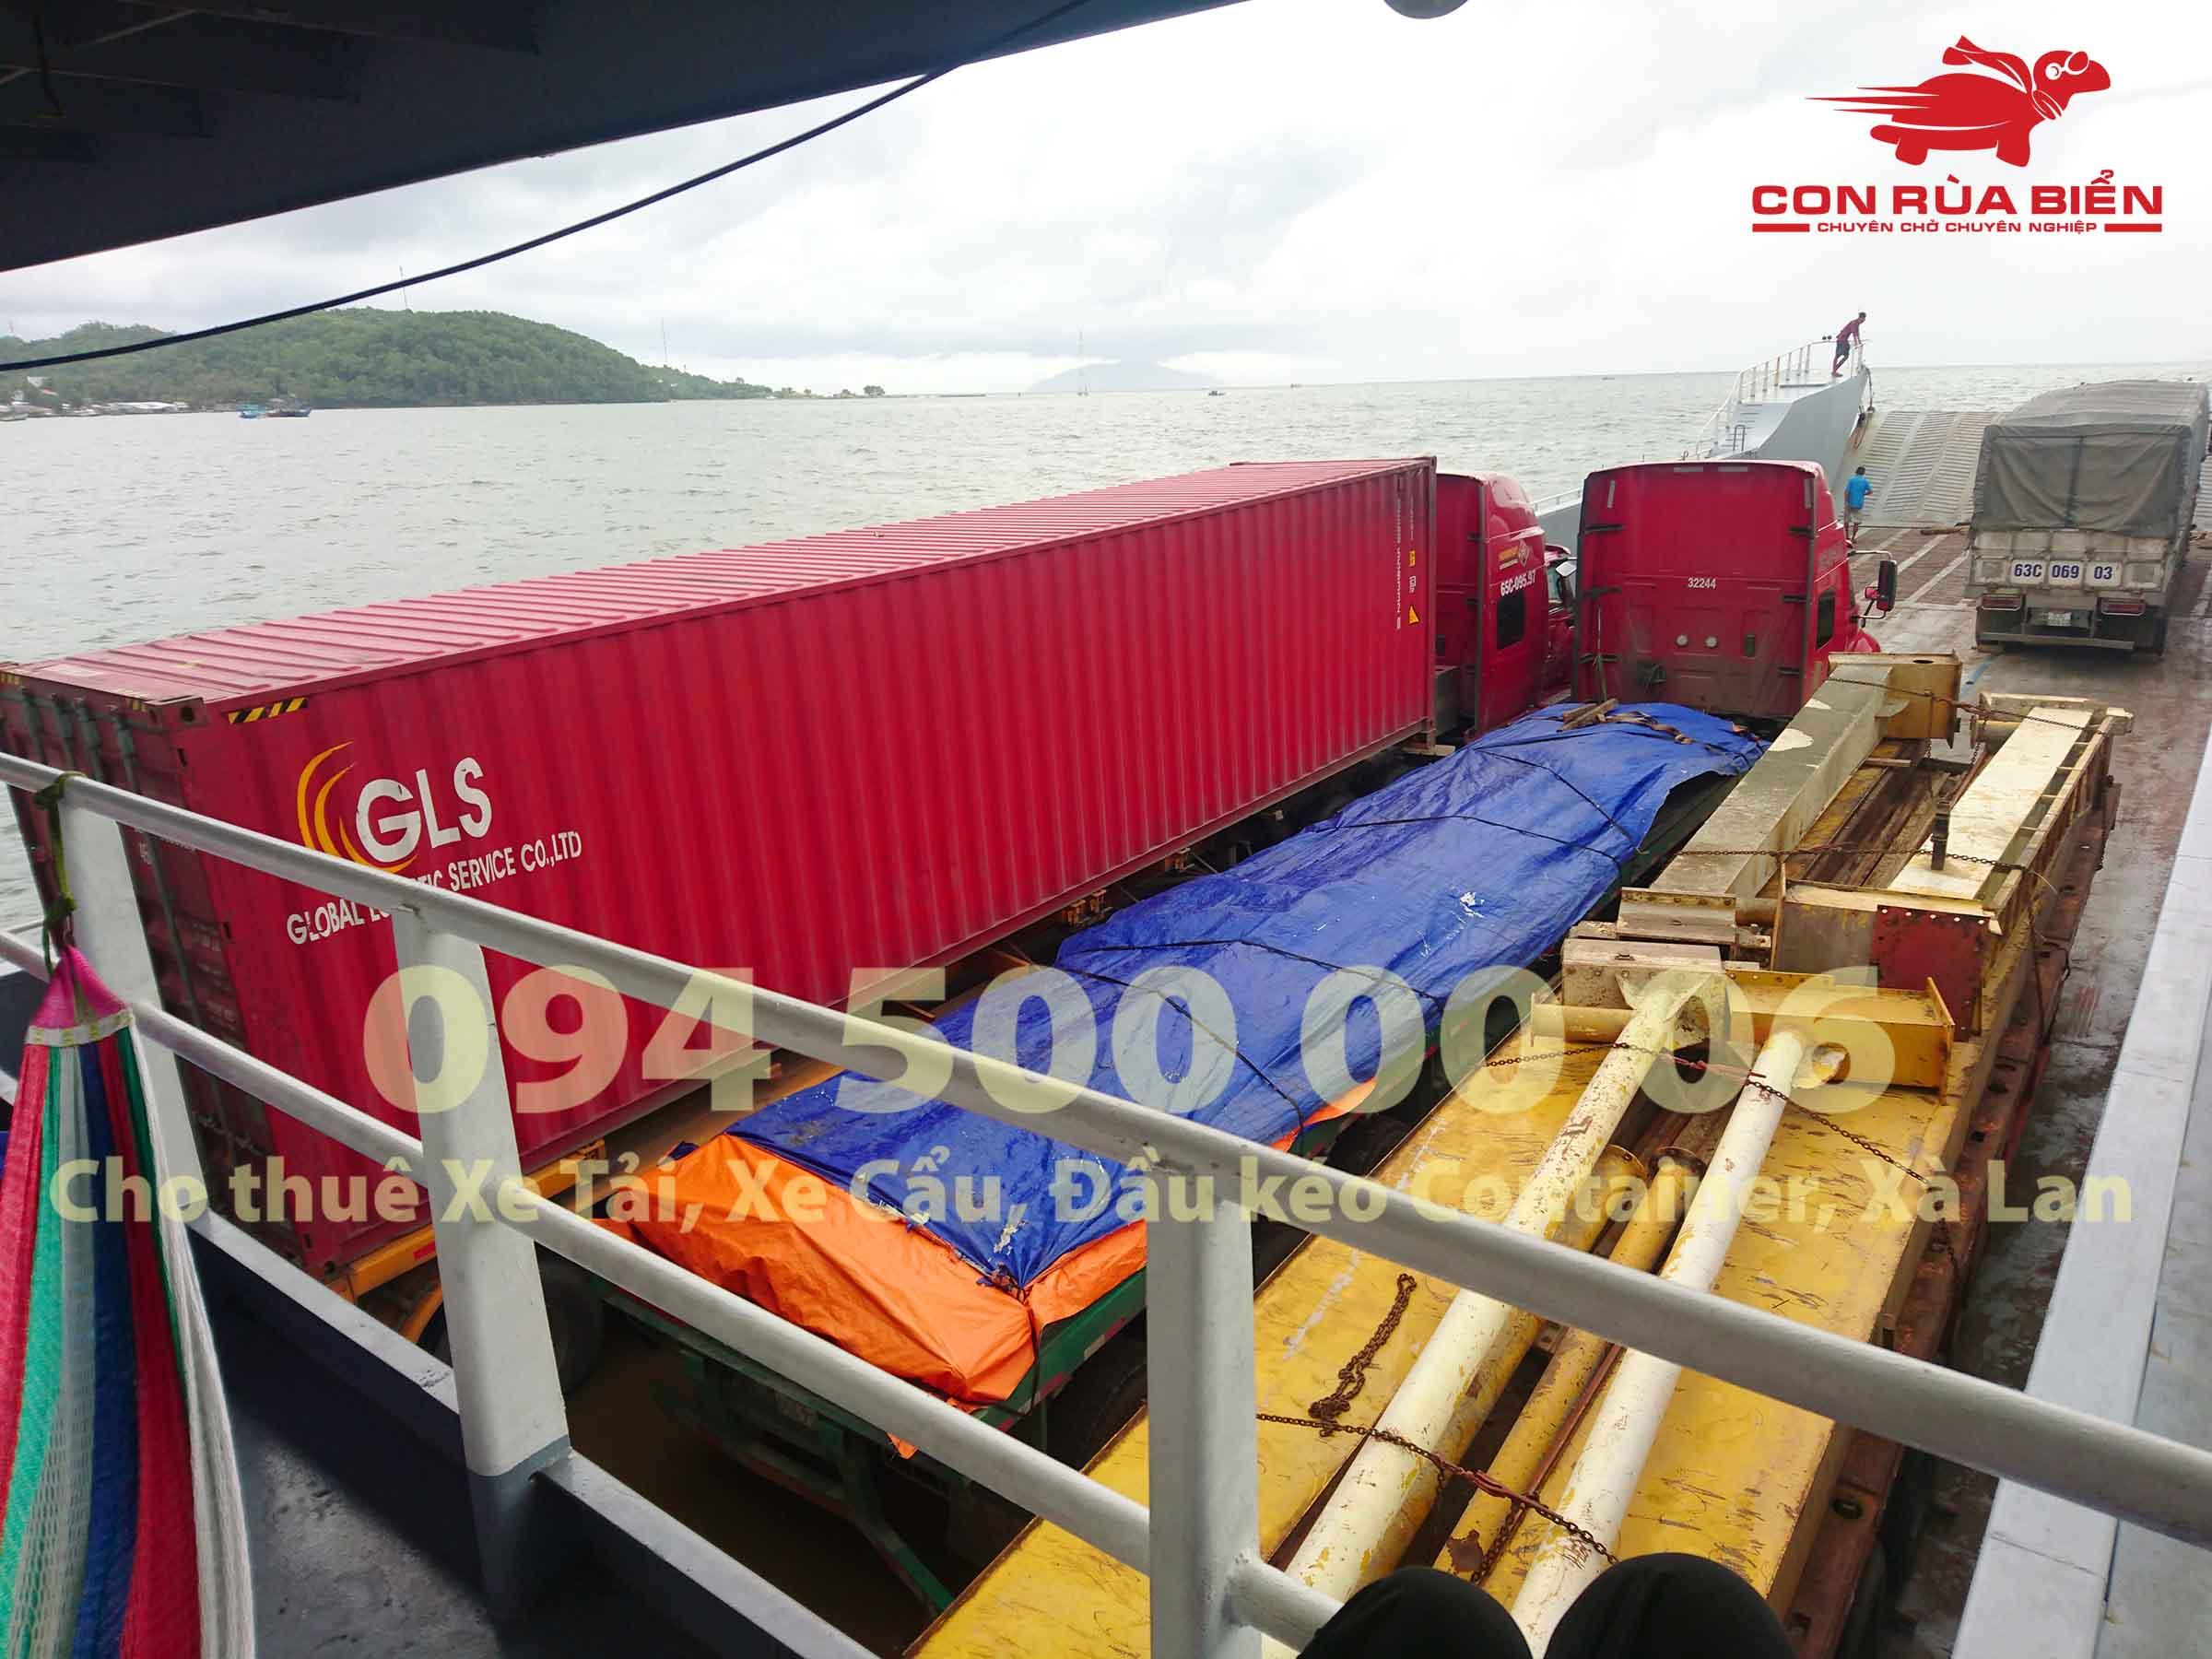 Cho thue xa lan cho xe dau keo container di Phu Quoc 8